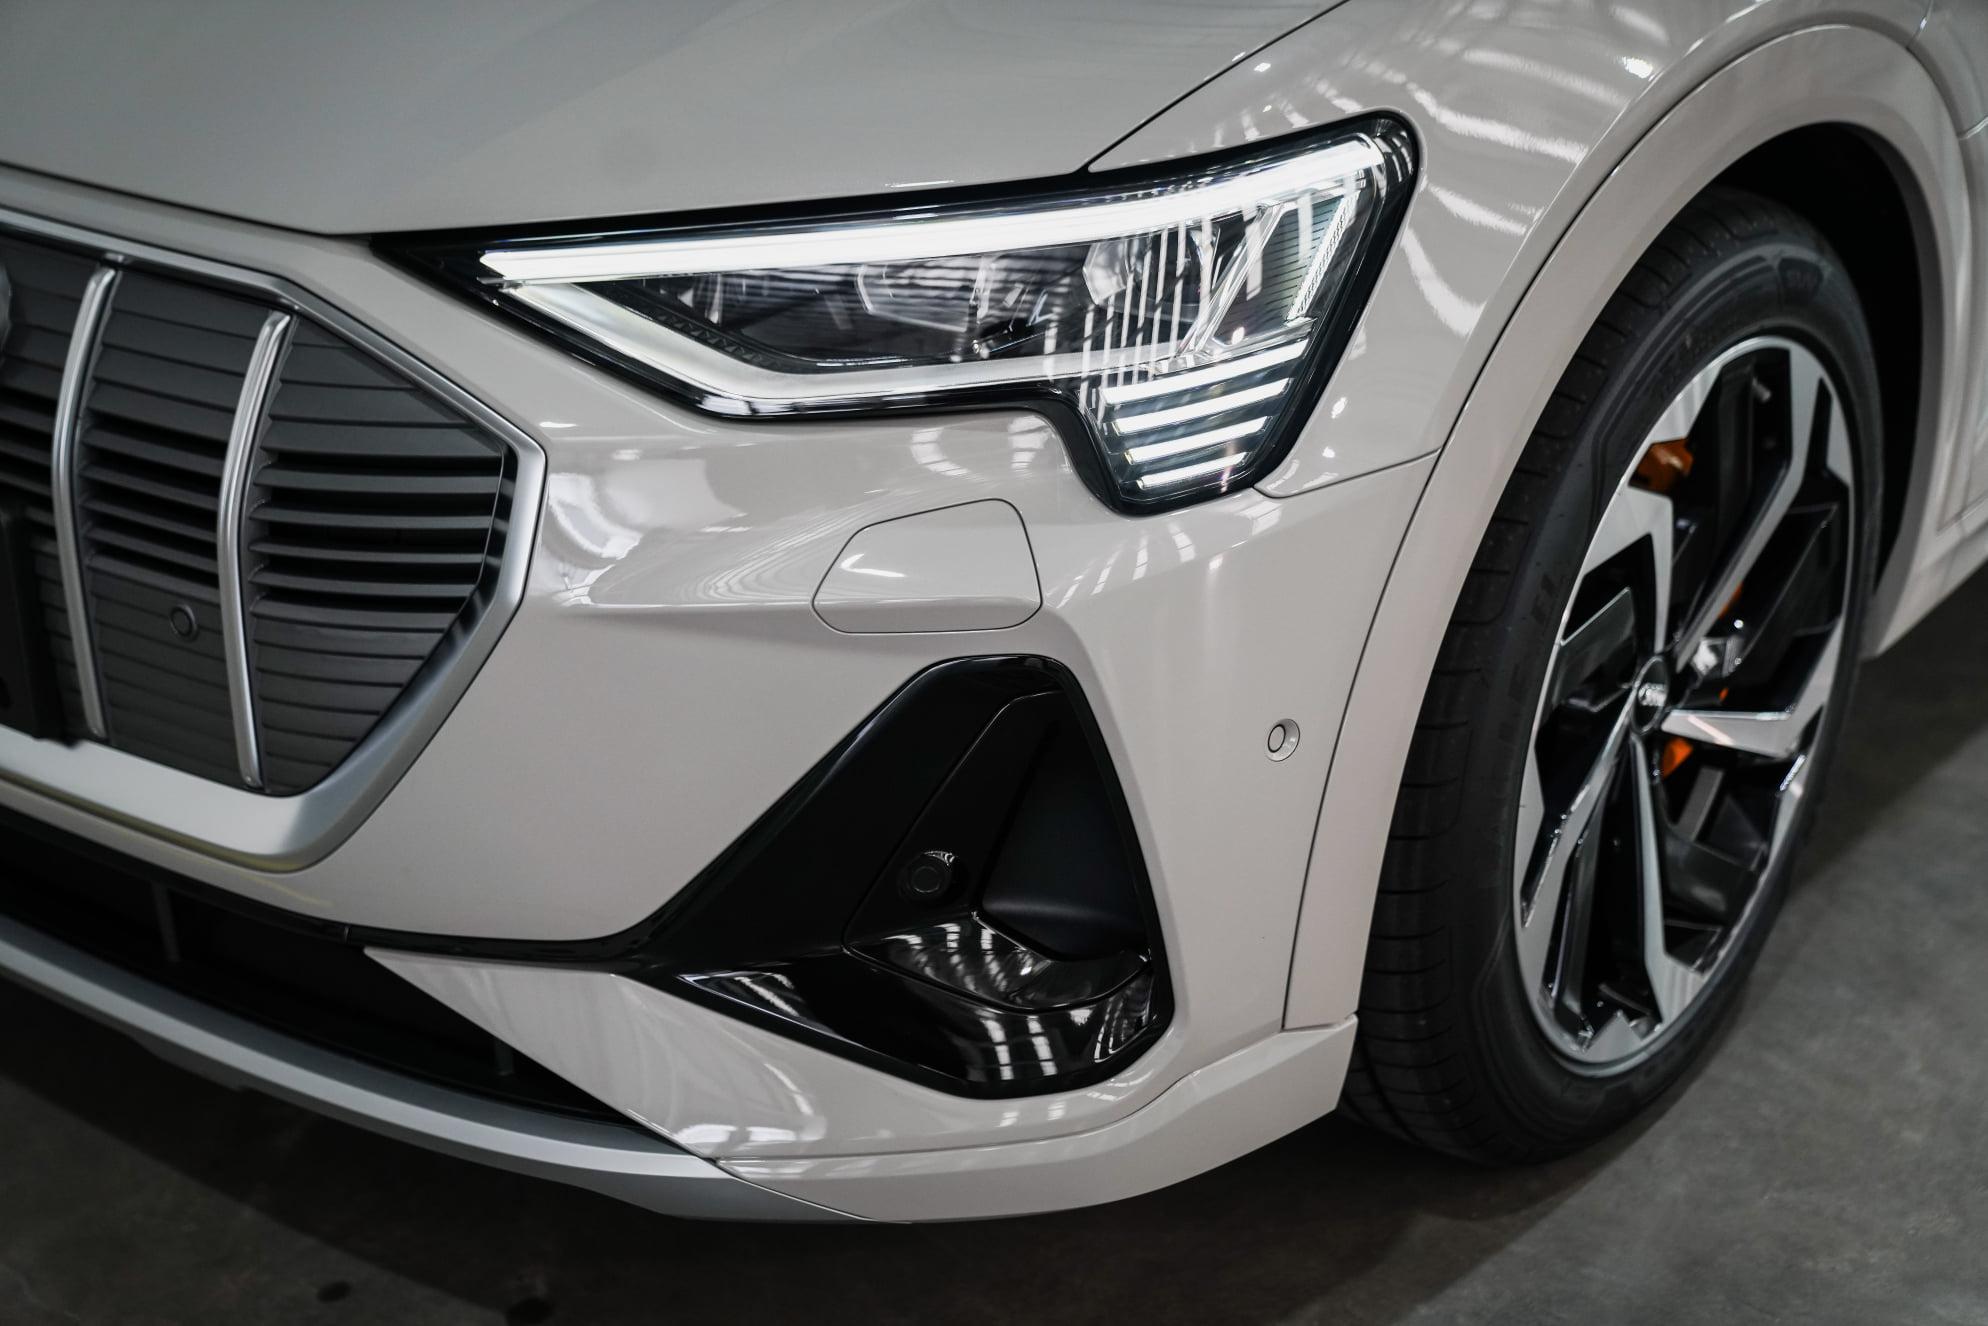 Audi e-Tron Sportback 55 Quattro S Line AudiThailand Autoinfo (27)